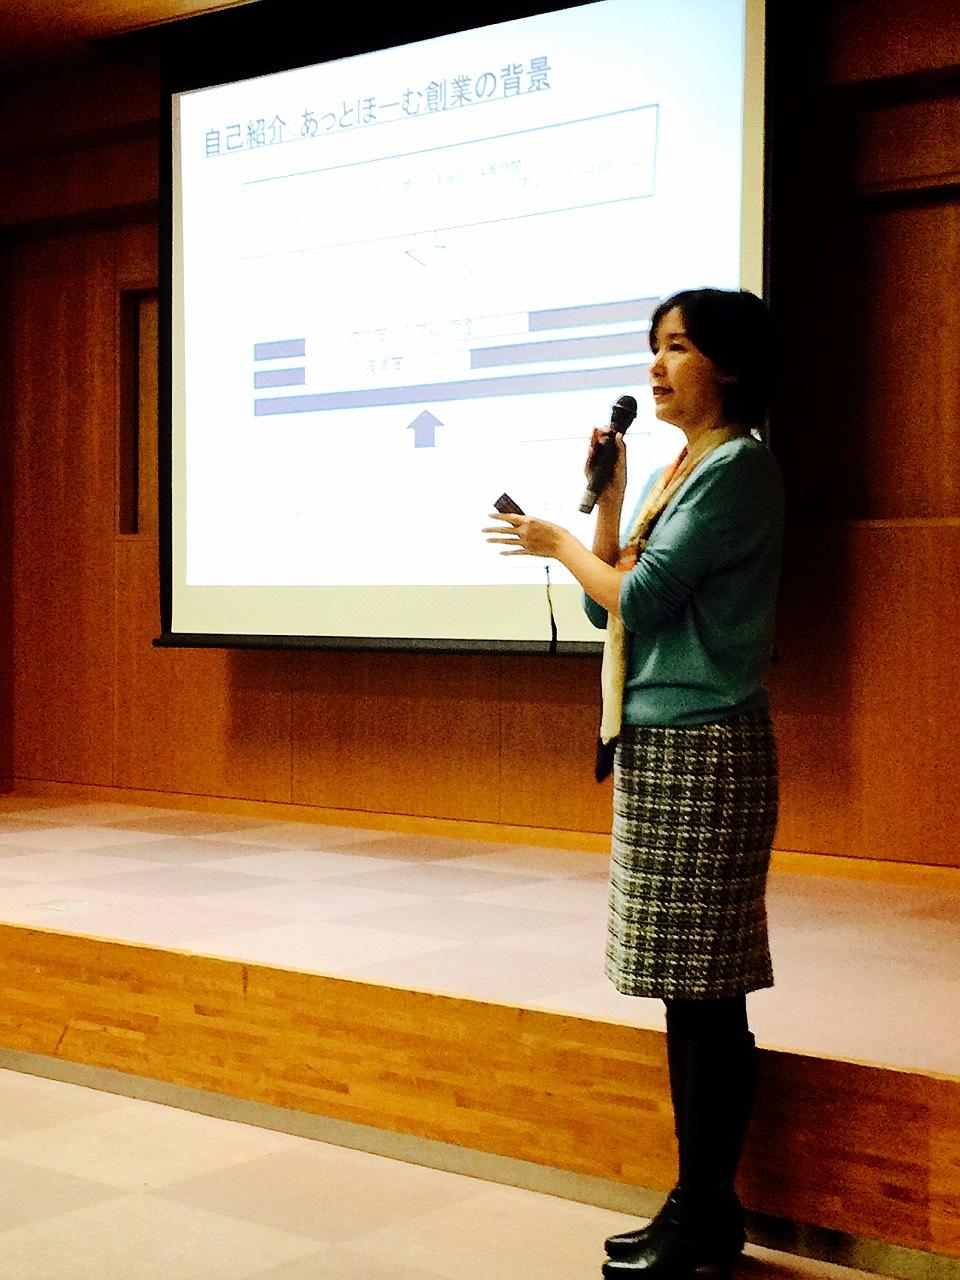 静岡市役所講演